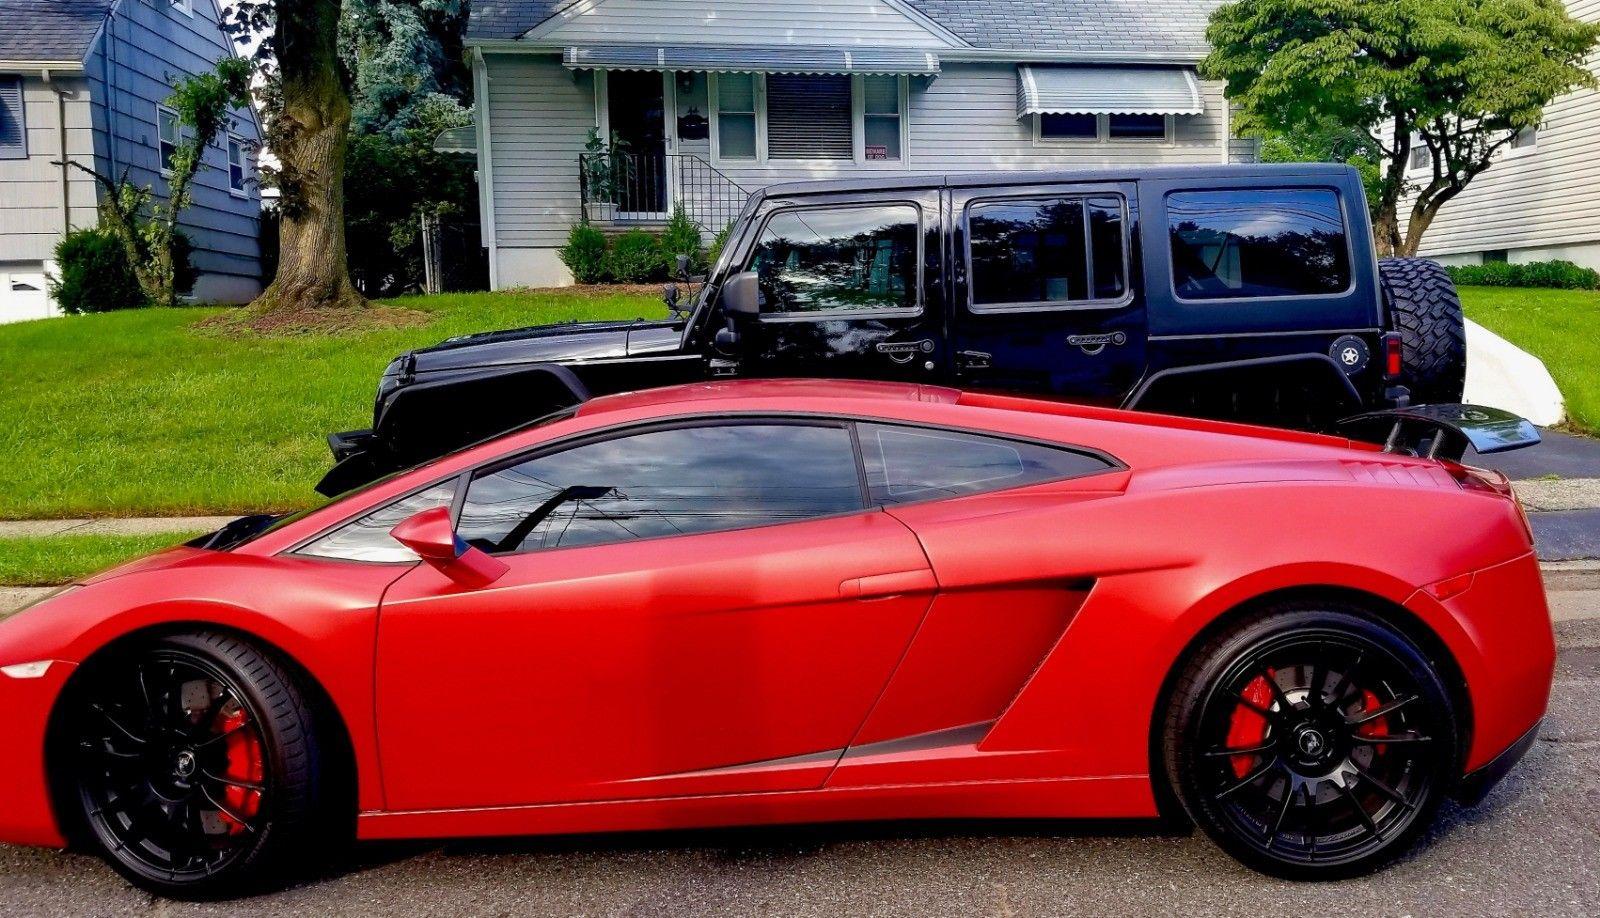 Amazing 2004 Lamborghini Gallardo 2004 LAMBORGHINI GALLARDO